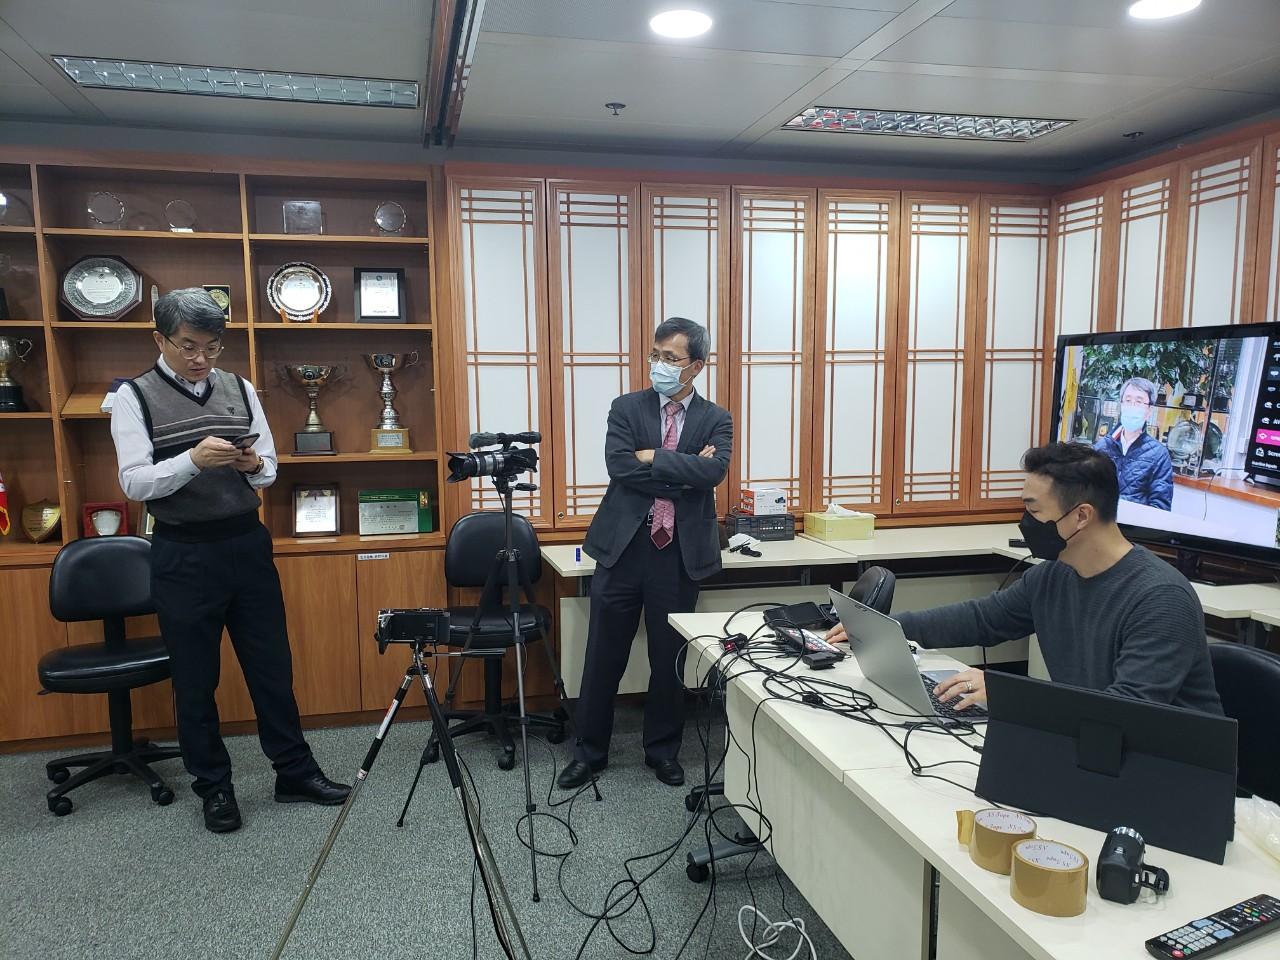 홍콩한인마당 20210121 방송 준비 사진 3.jpg